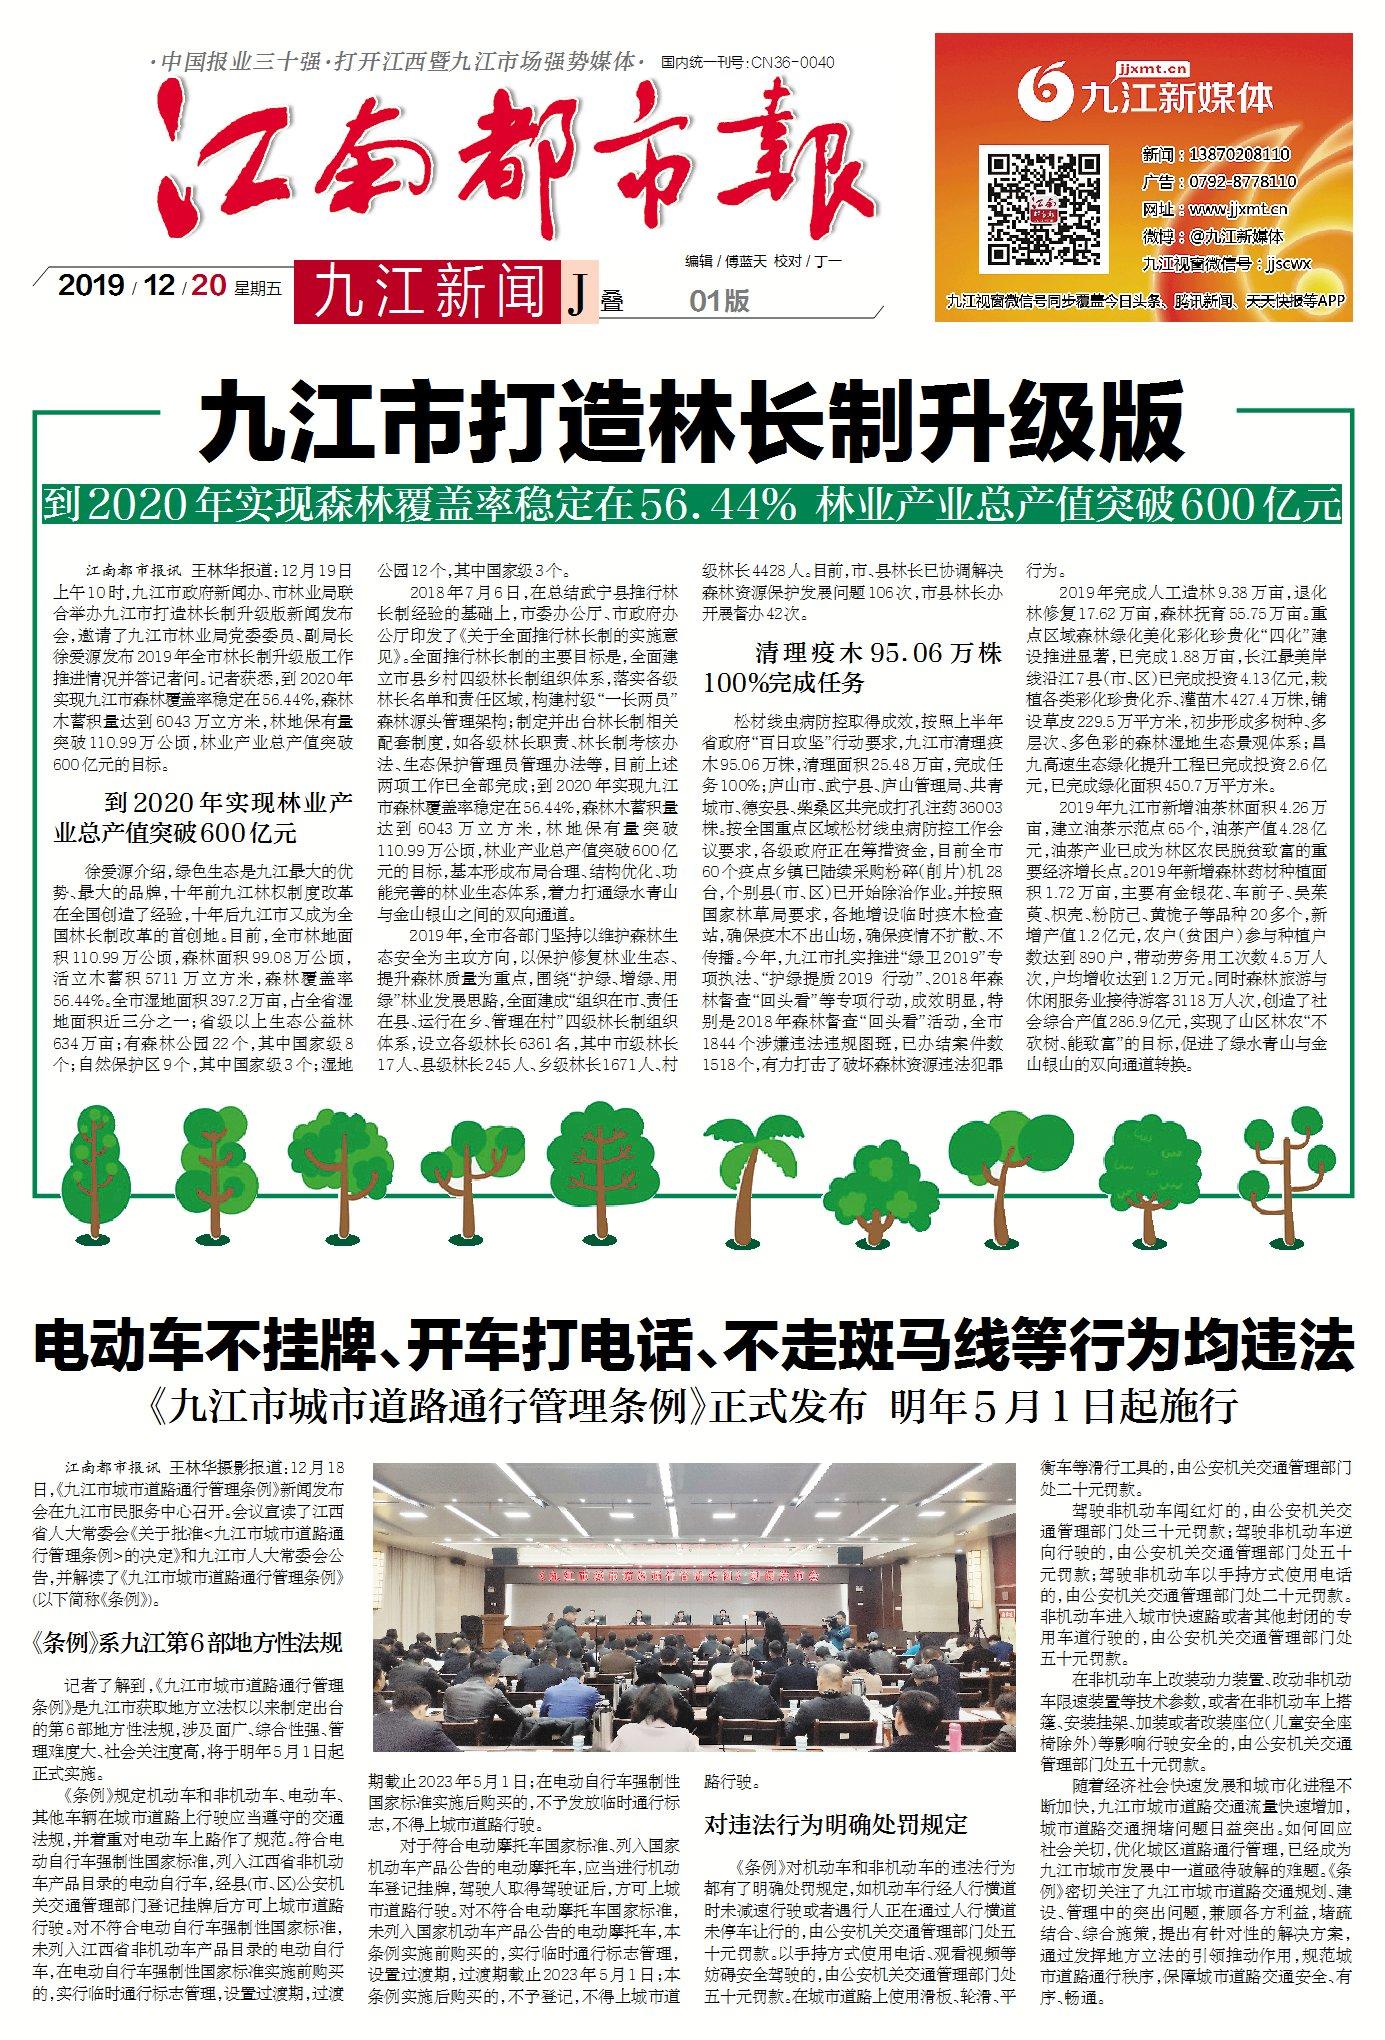 2019年12月20日江南都市报《亚博体育app苹果新闻》1版